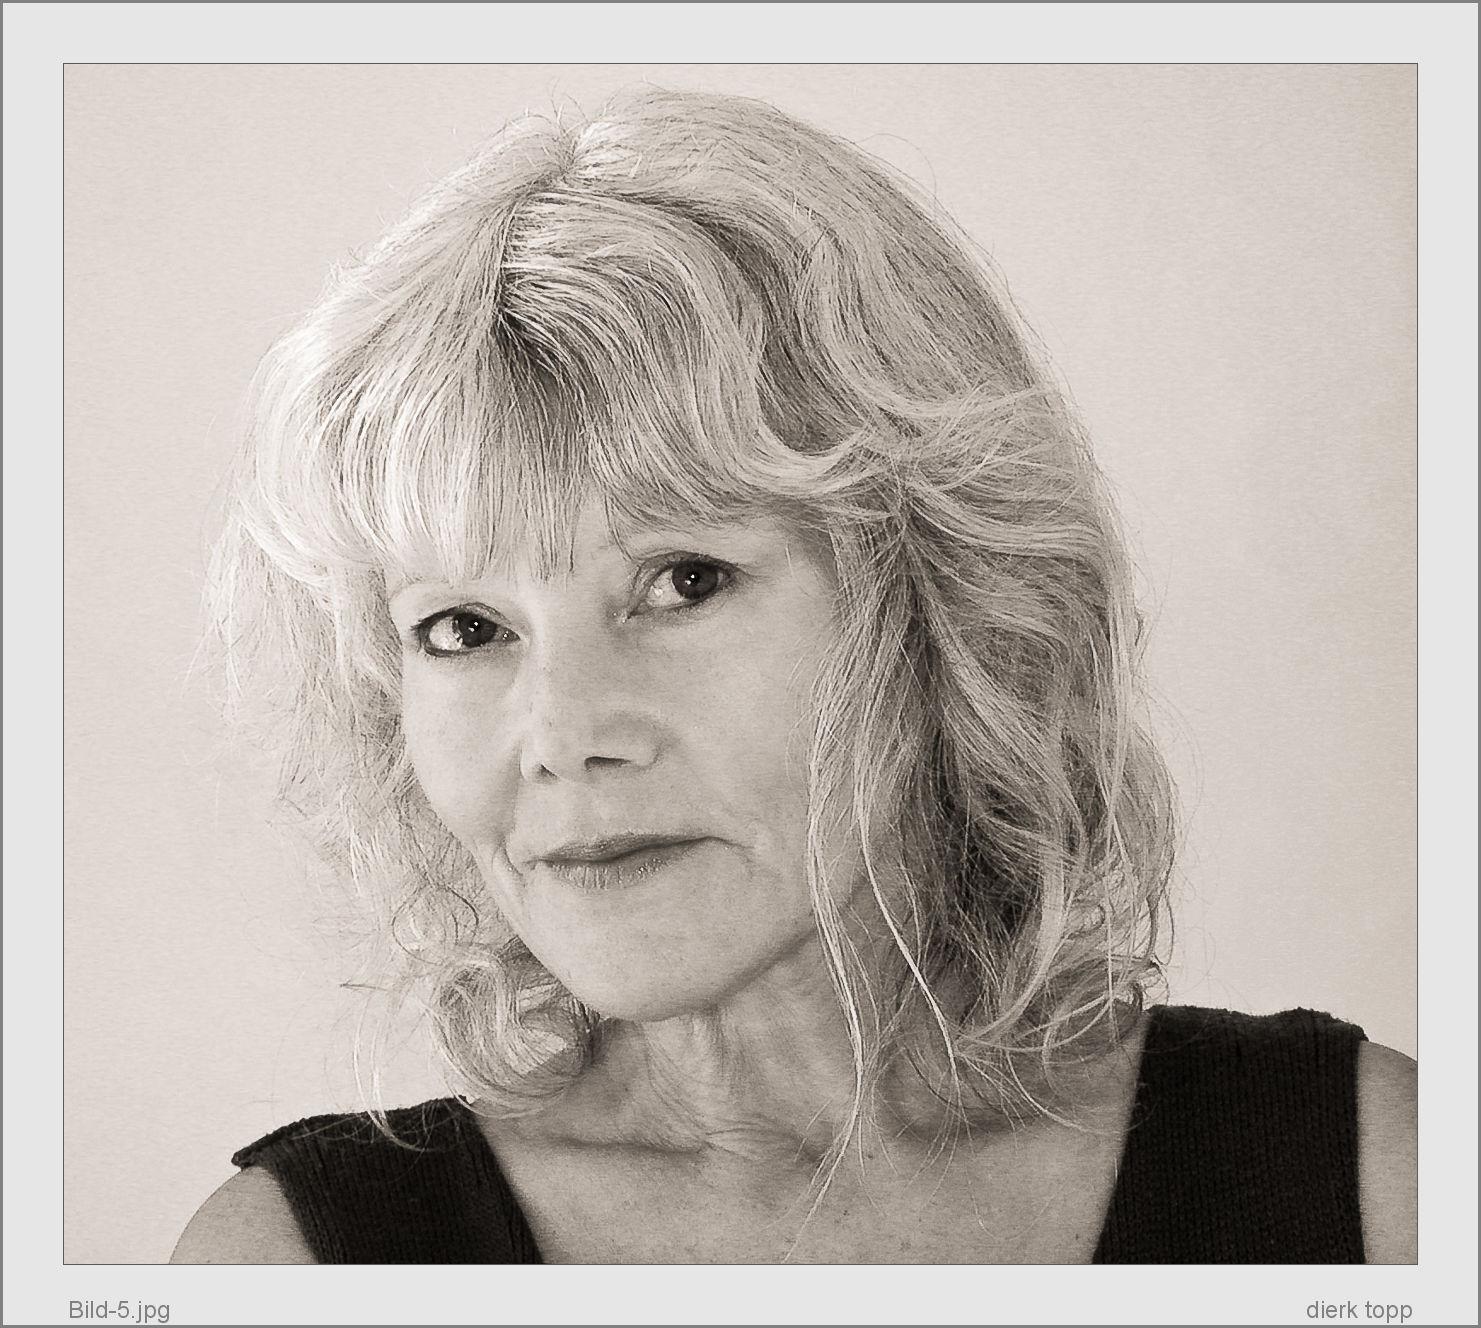 Das letzte Portrait, das ich von meiner Frau gemacht habe, 2002, Nikon 995 - (c) Dierk Topp